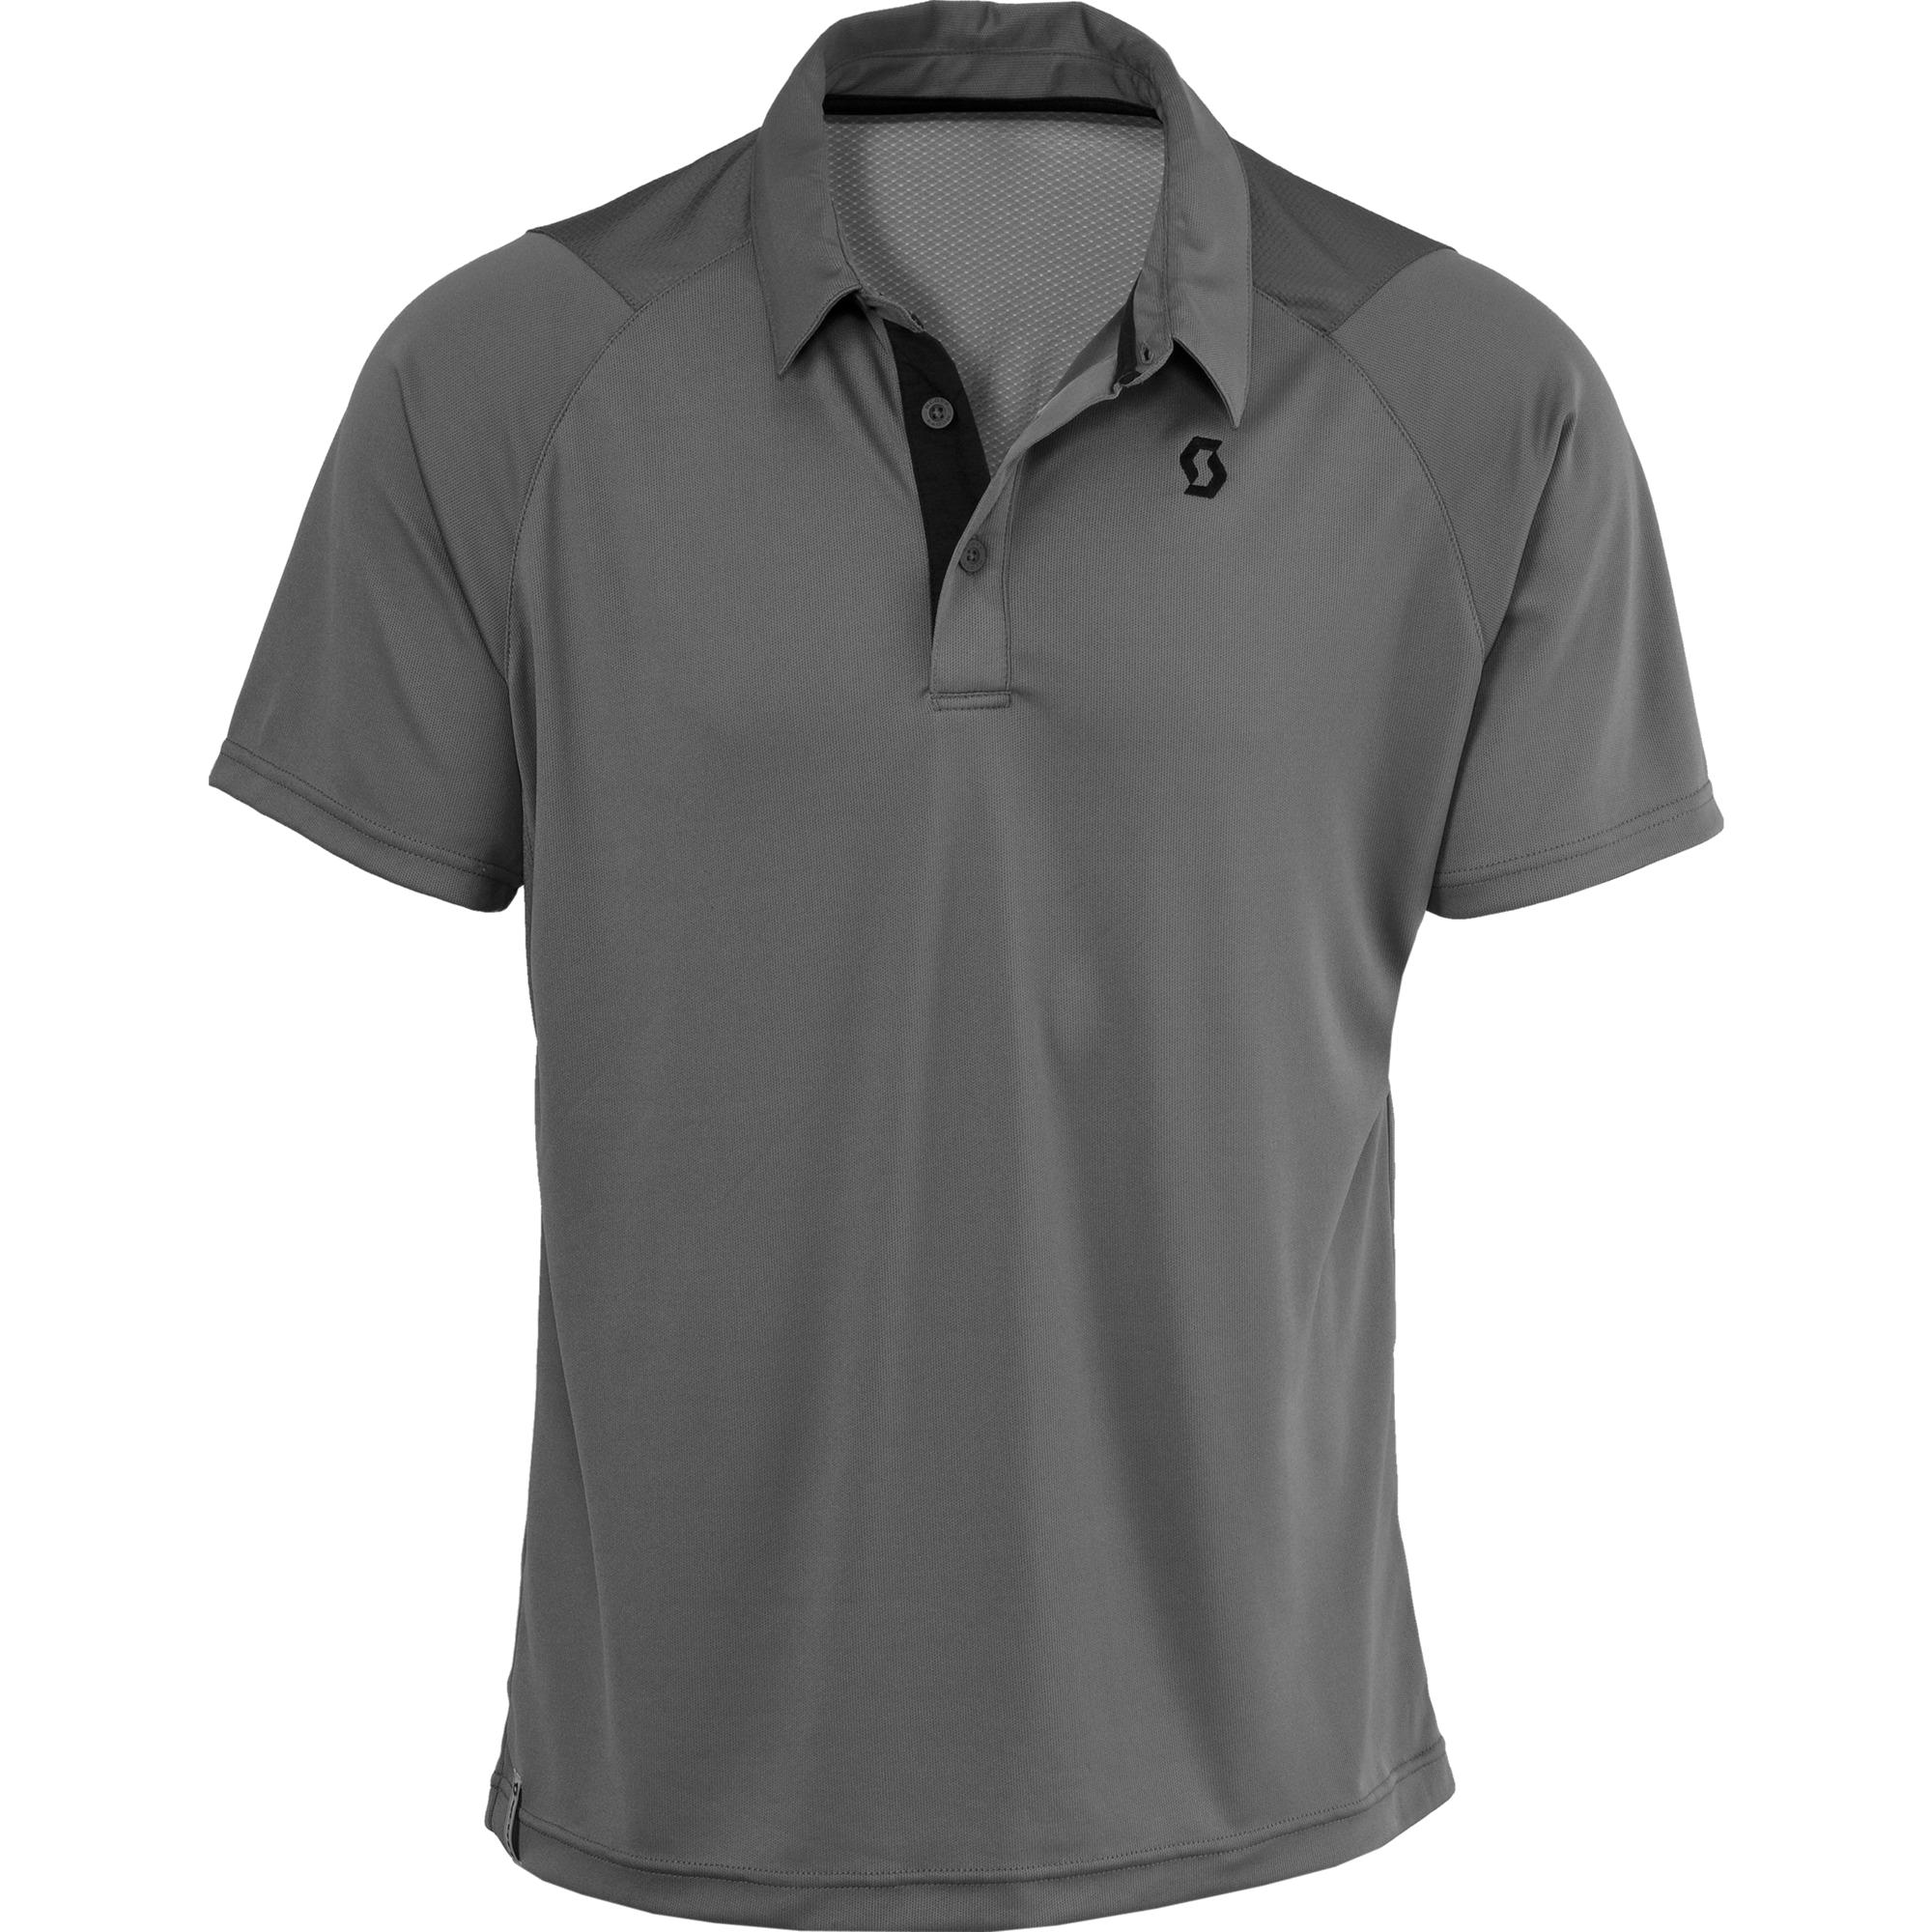 Grey Polo Shirt PNG Image